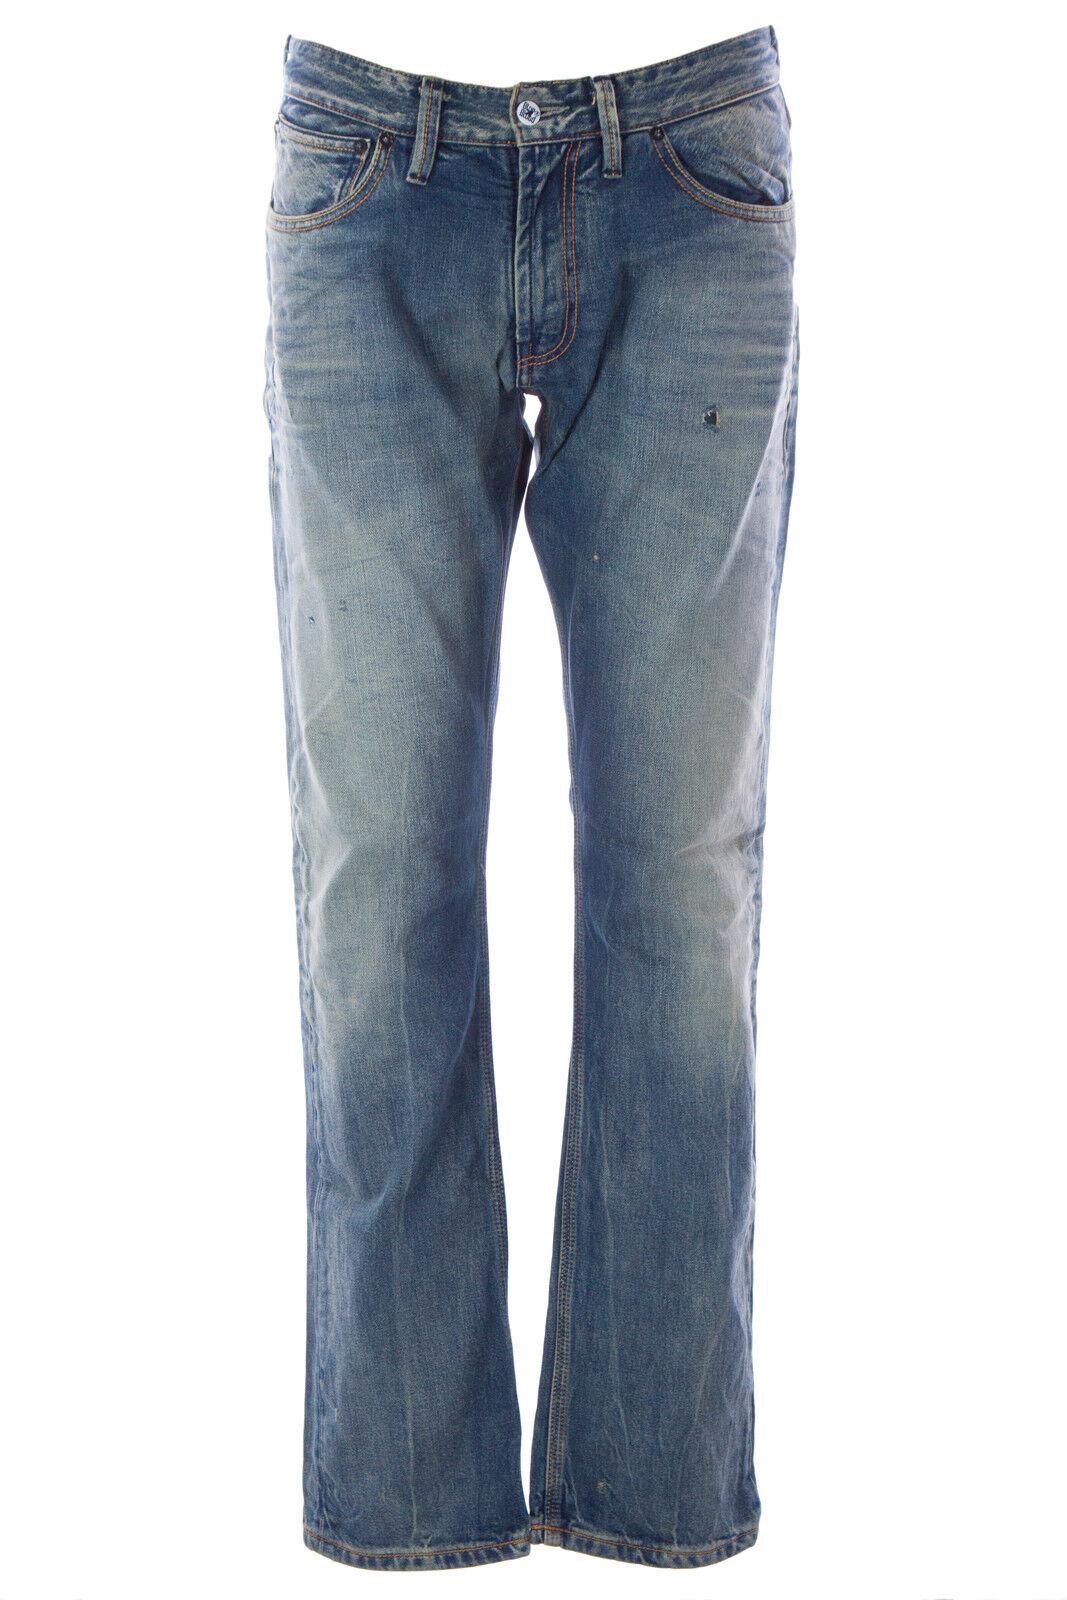 Blau Blood Herren Aim Abd Distressed Jeans MS08D01 Nwt       Neues Design    Professionelles Design    Räumungsverkauf